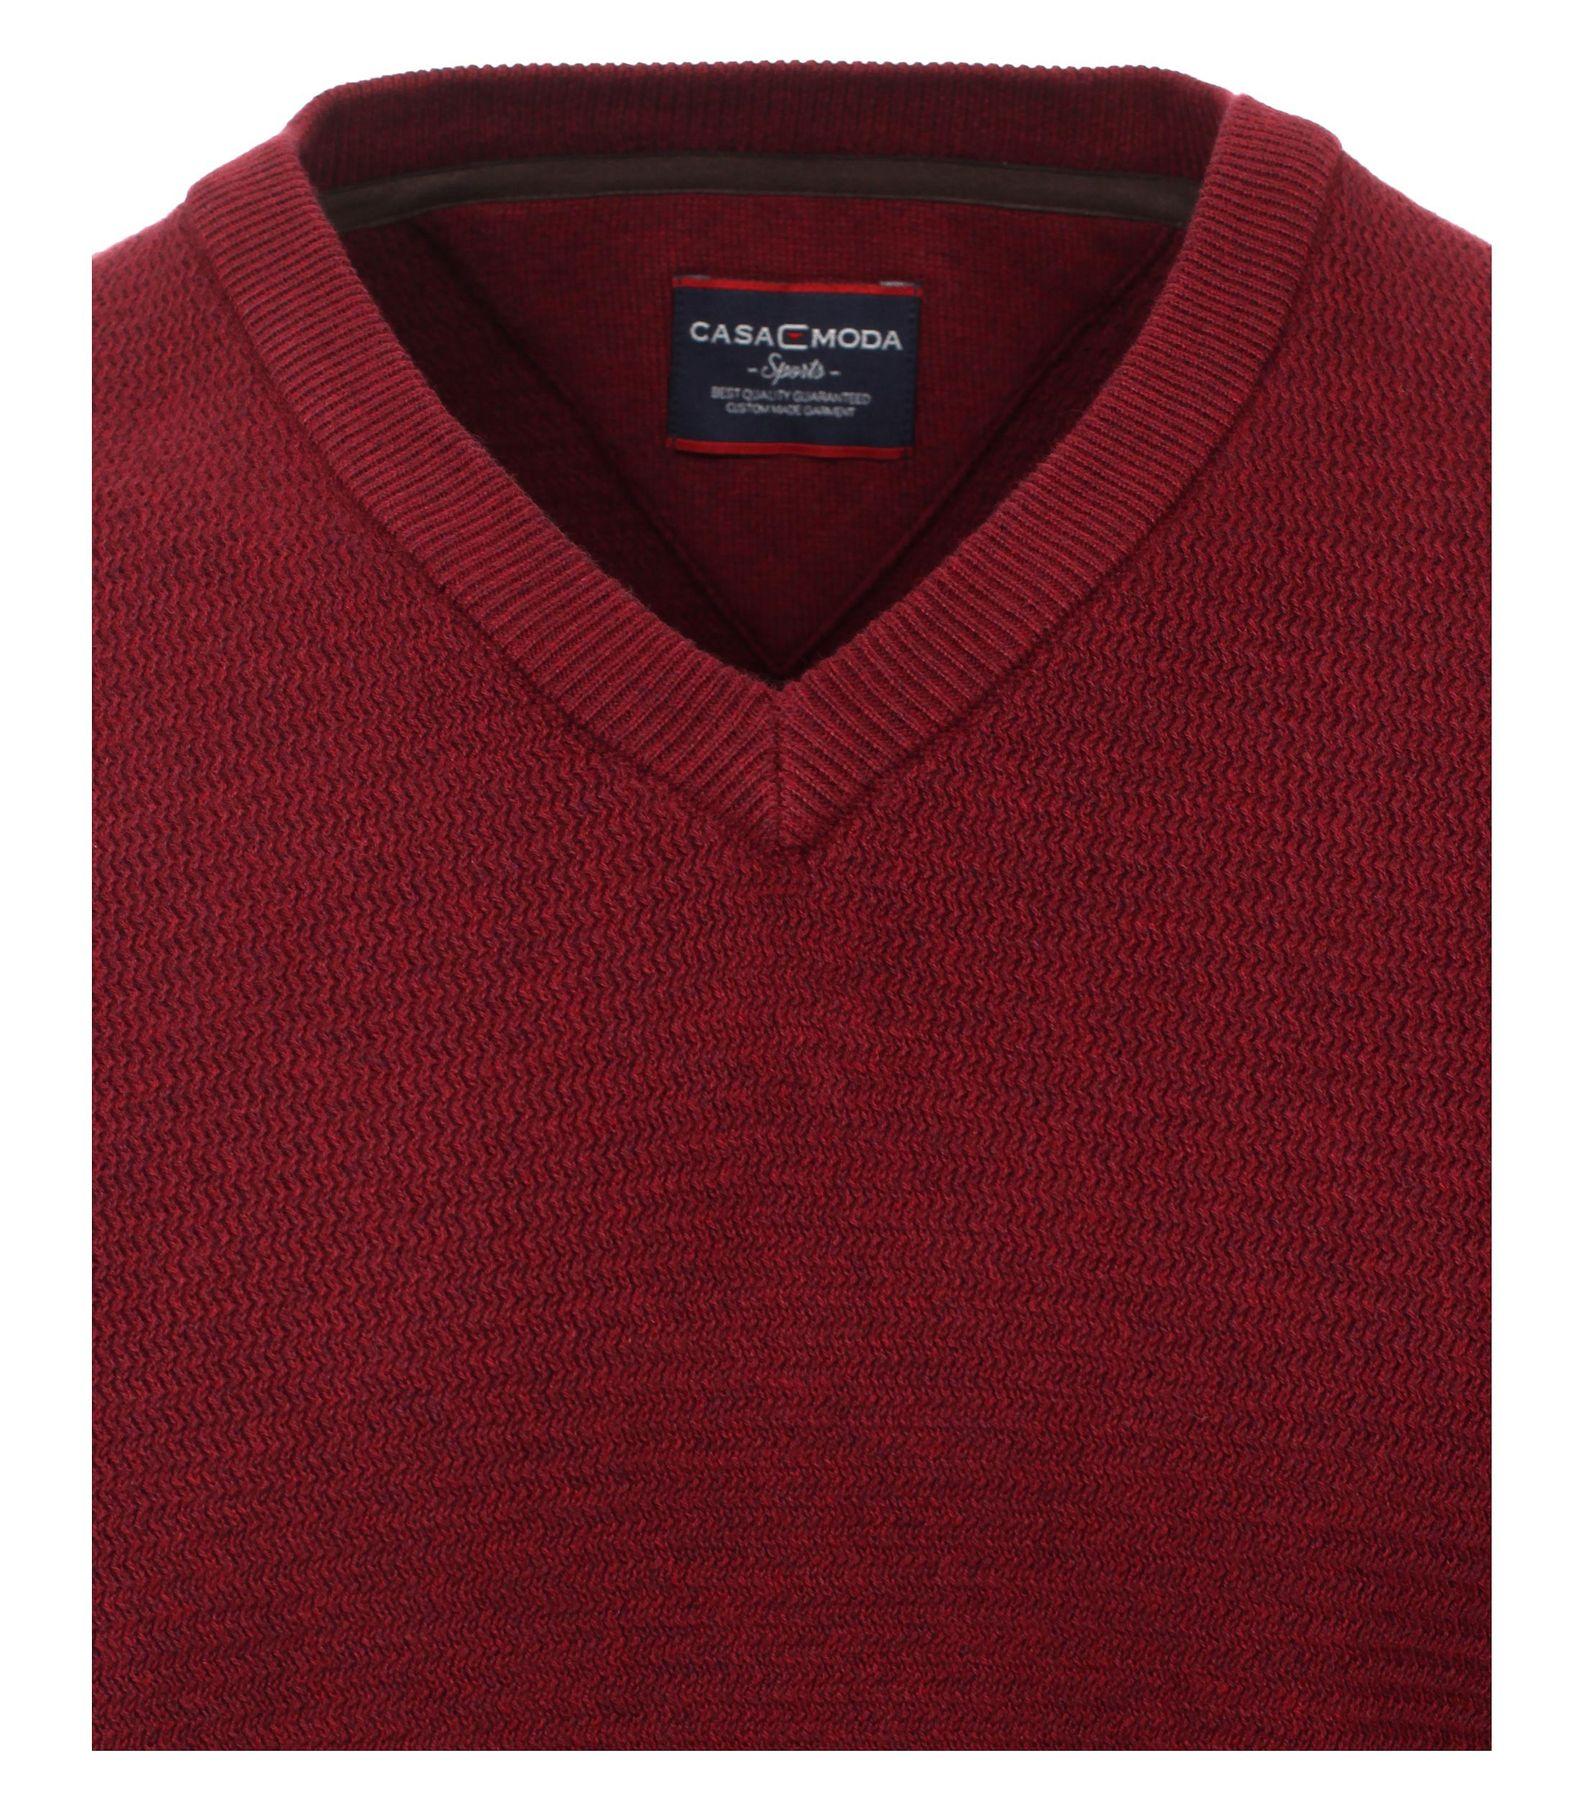 Casa Moda - Herren Pullover mit V-Ausschnitt in Melange Optik (462521200A) – Bild 12